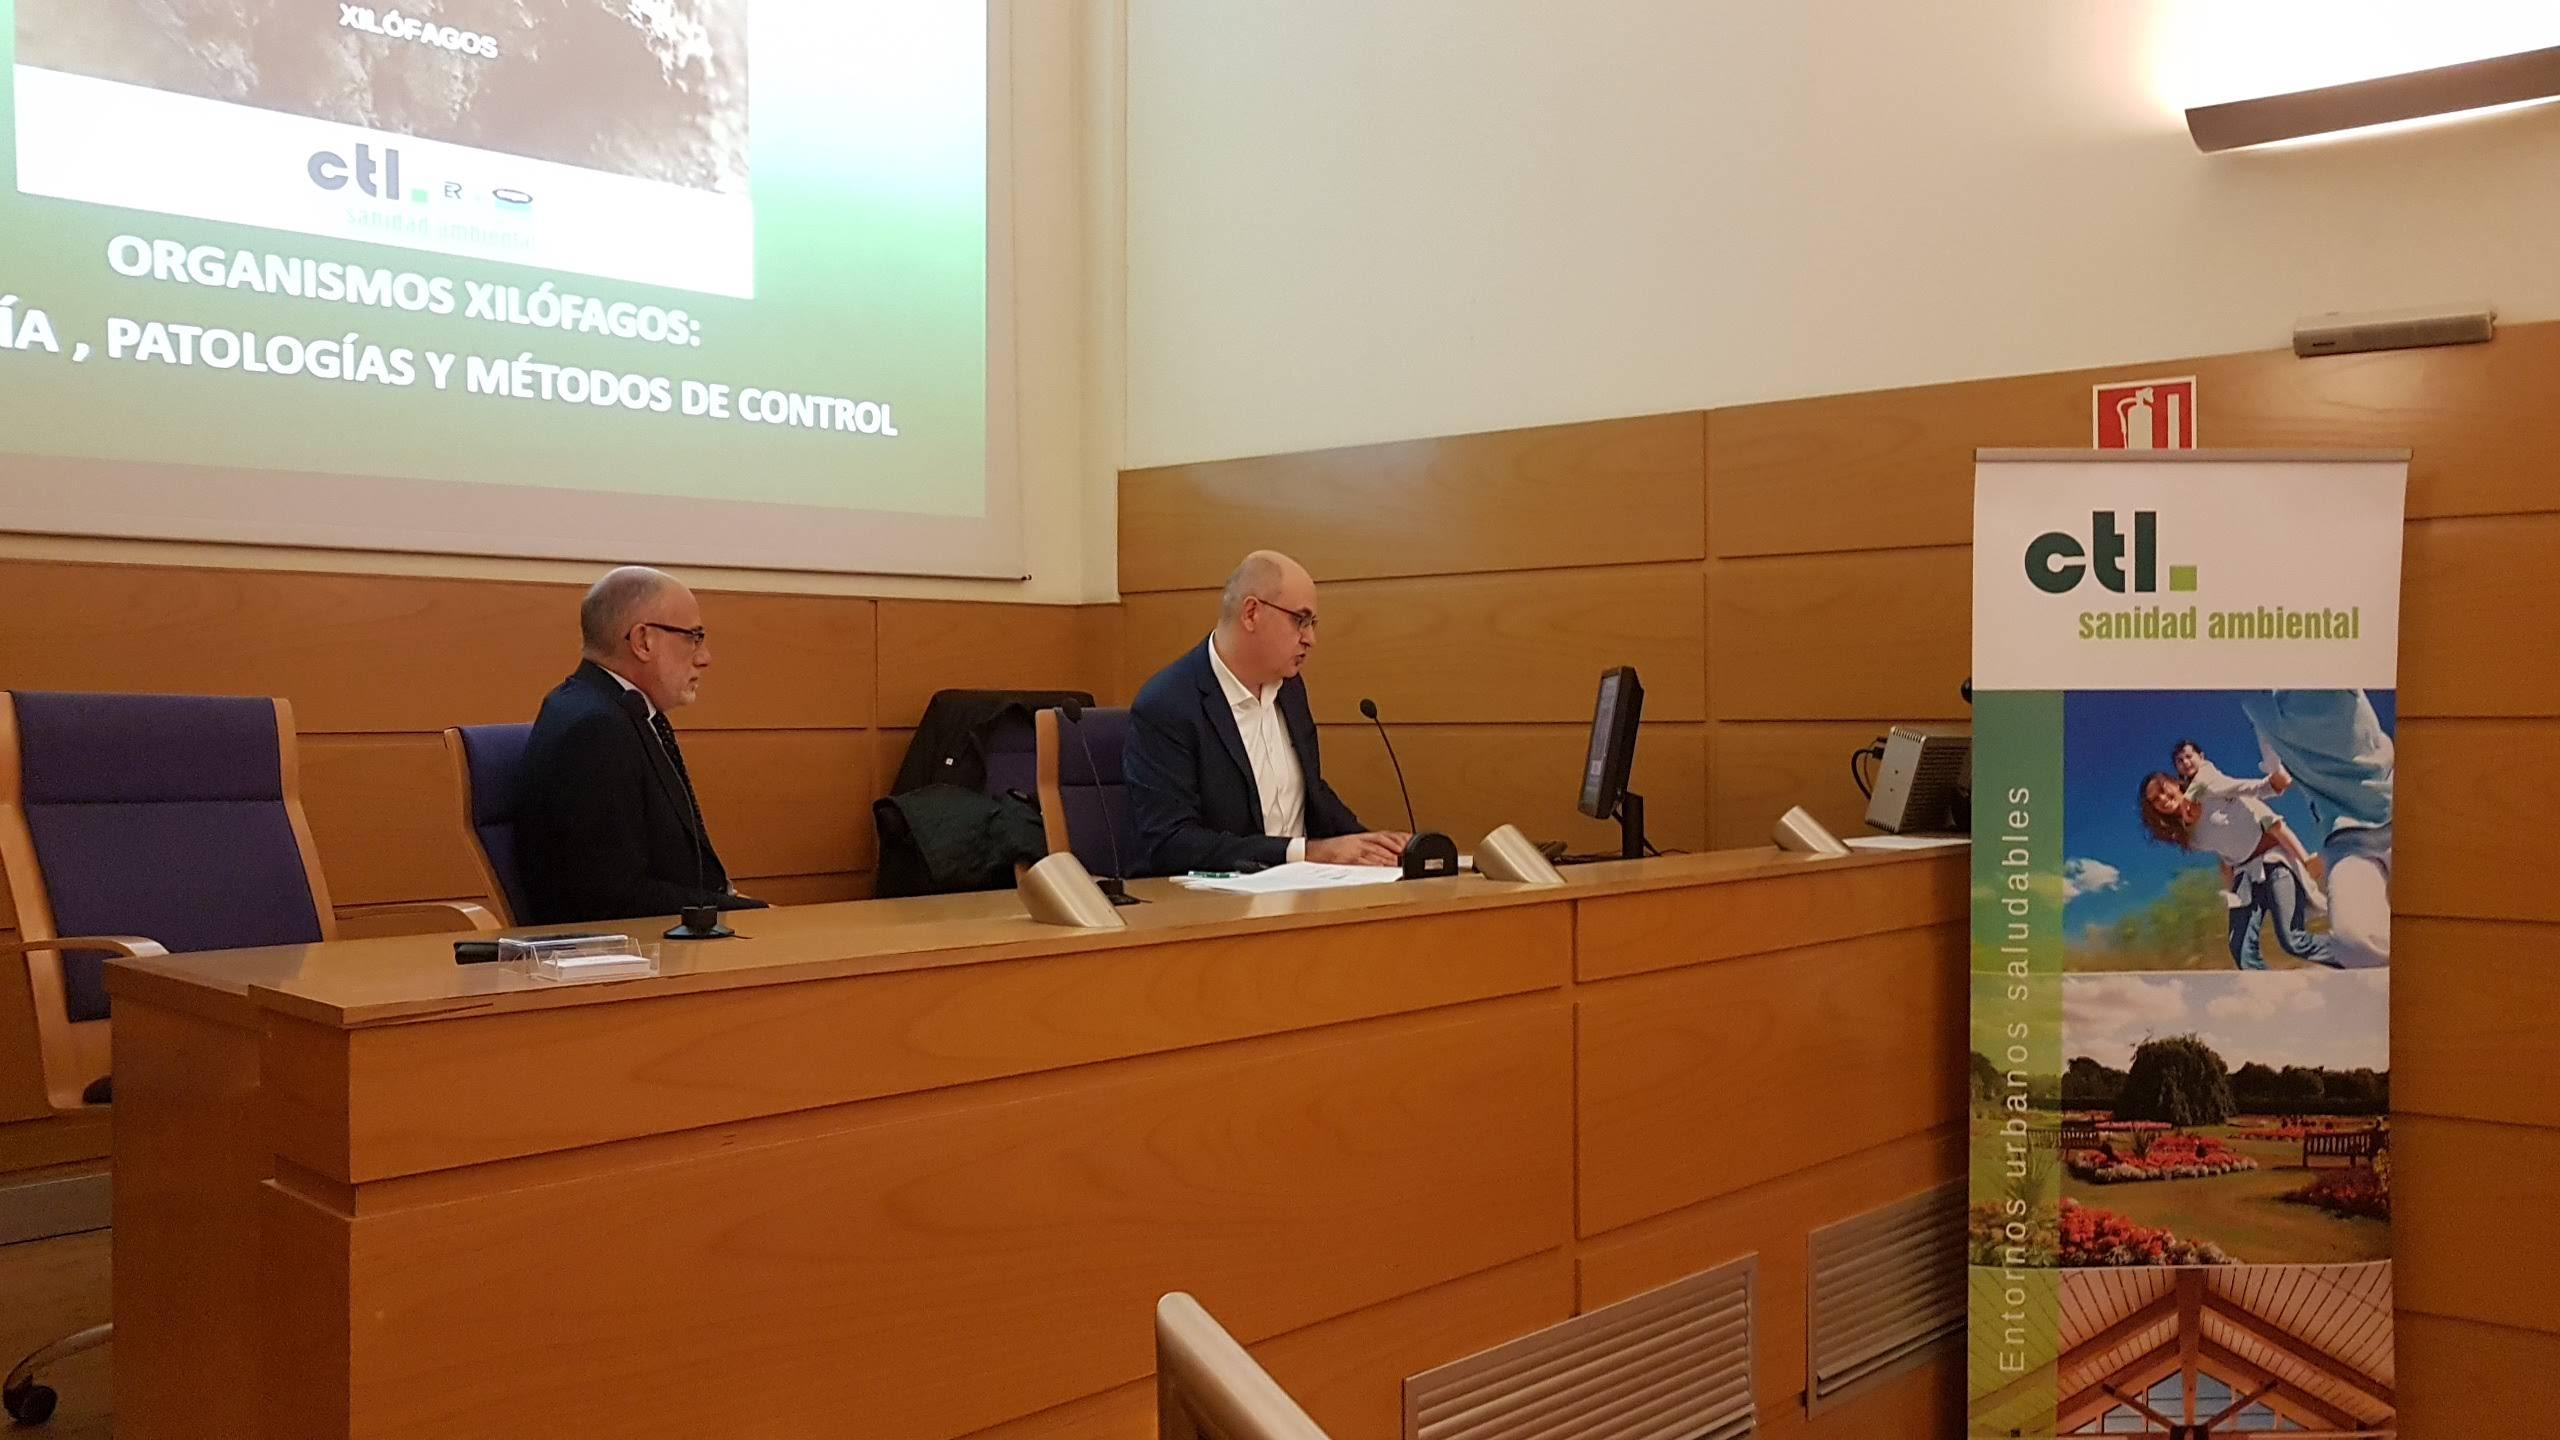 jornada sobre xilofagos en el colegio oficial de arquitectos de valencia